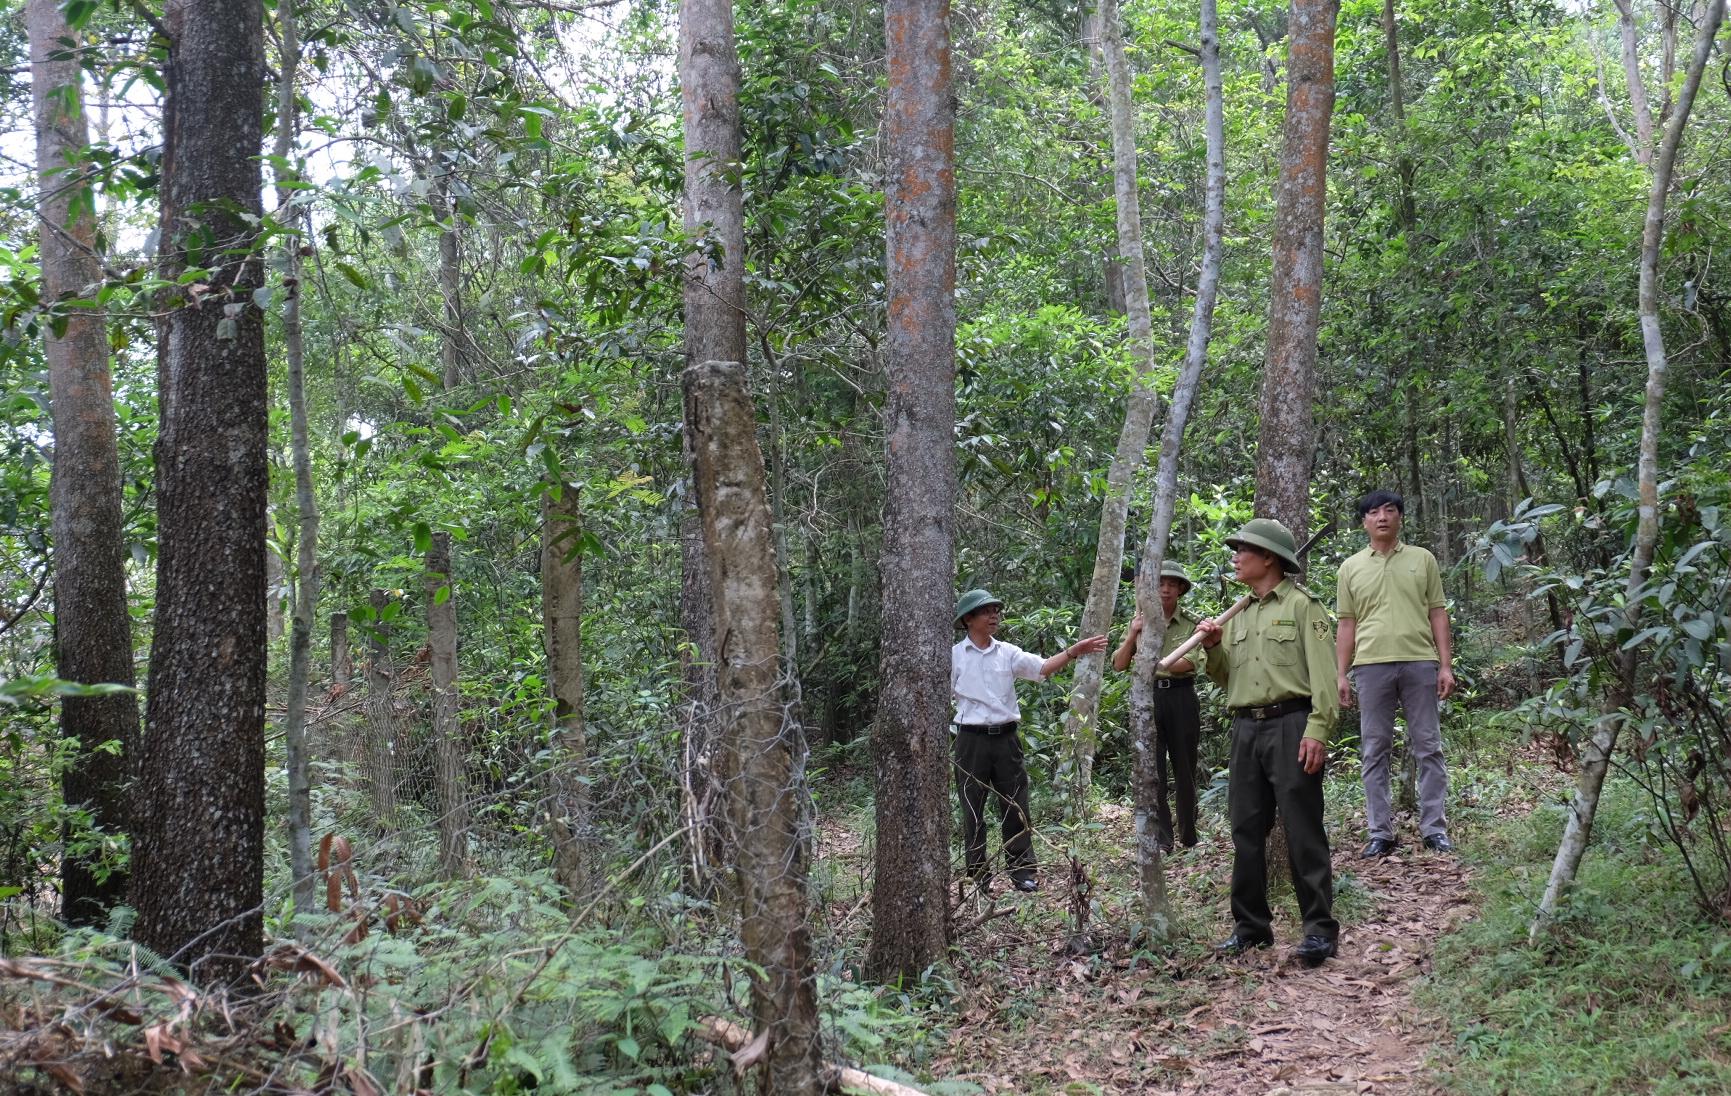 Người dân được hưởng lợi từ DVMTR đã tích cực chăm sóc, bảo vệ rừng và cải thiện sinh kế, ổn định đời sống